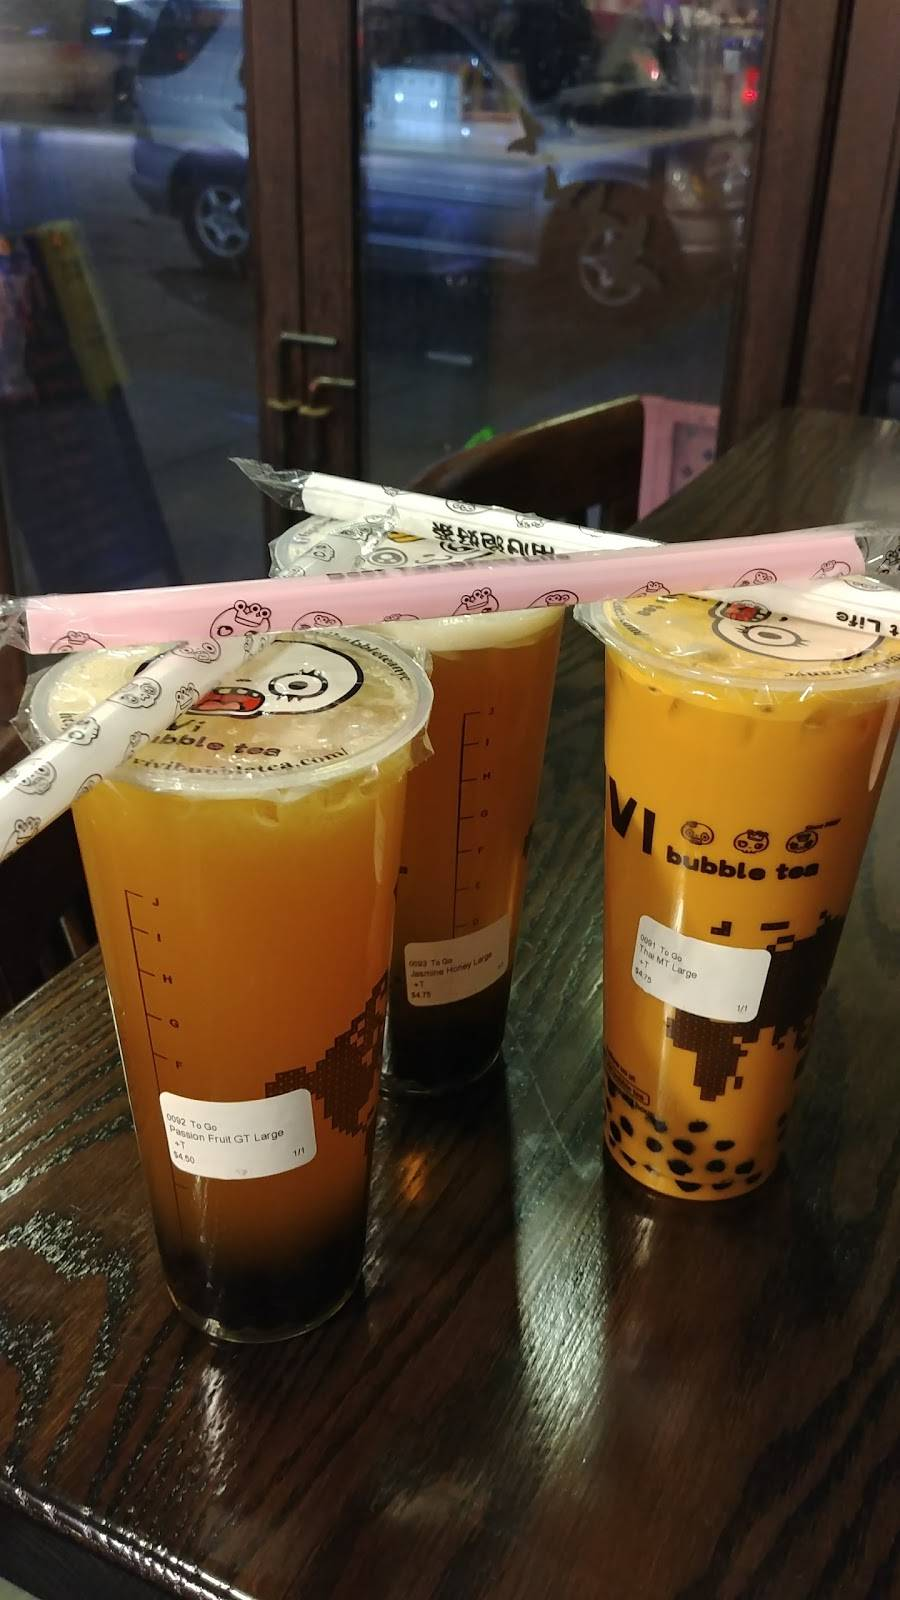 ViVi Bubble Tea | cafe | 3516 Ditmars Blvd, Astoria, NY 11105, USA | 7182786075 OR +1 718-278-6075